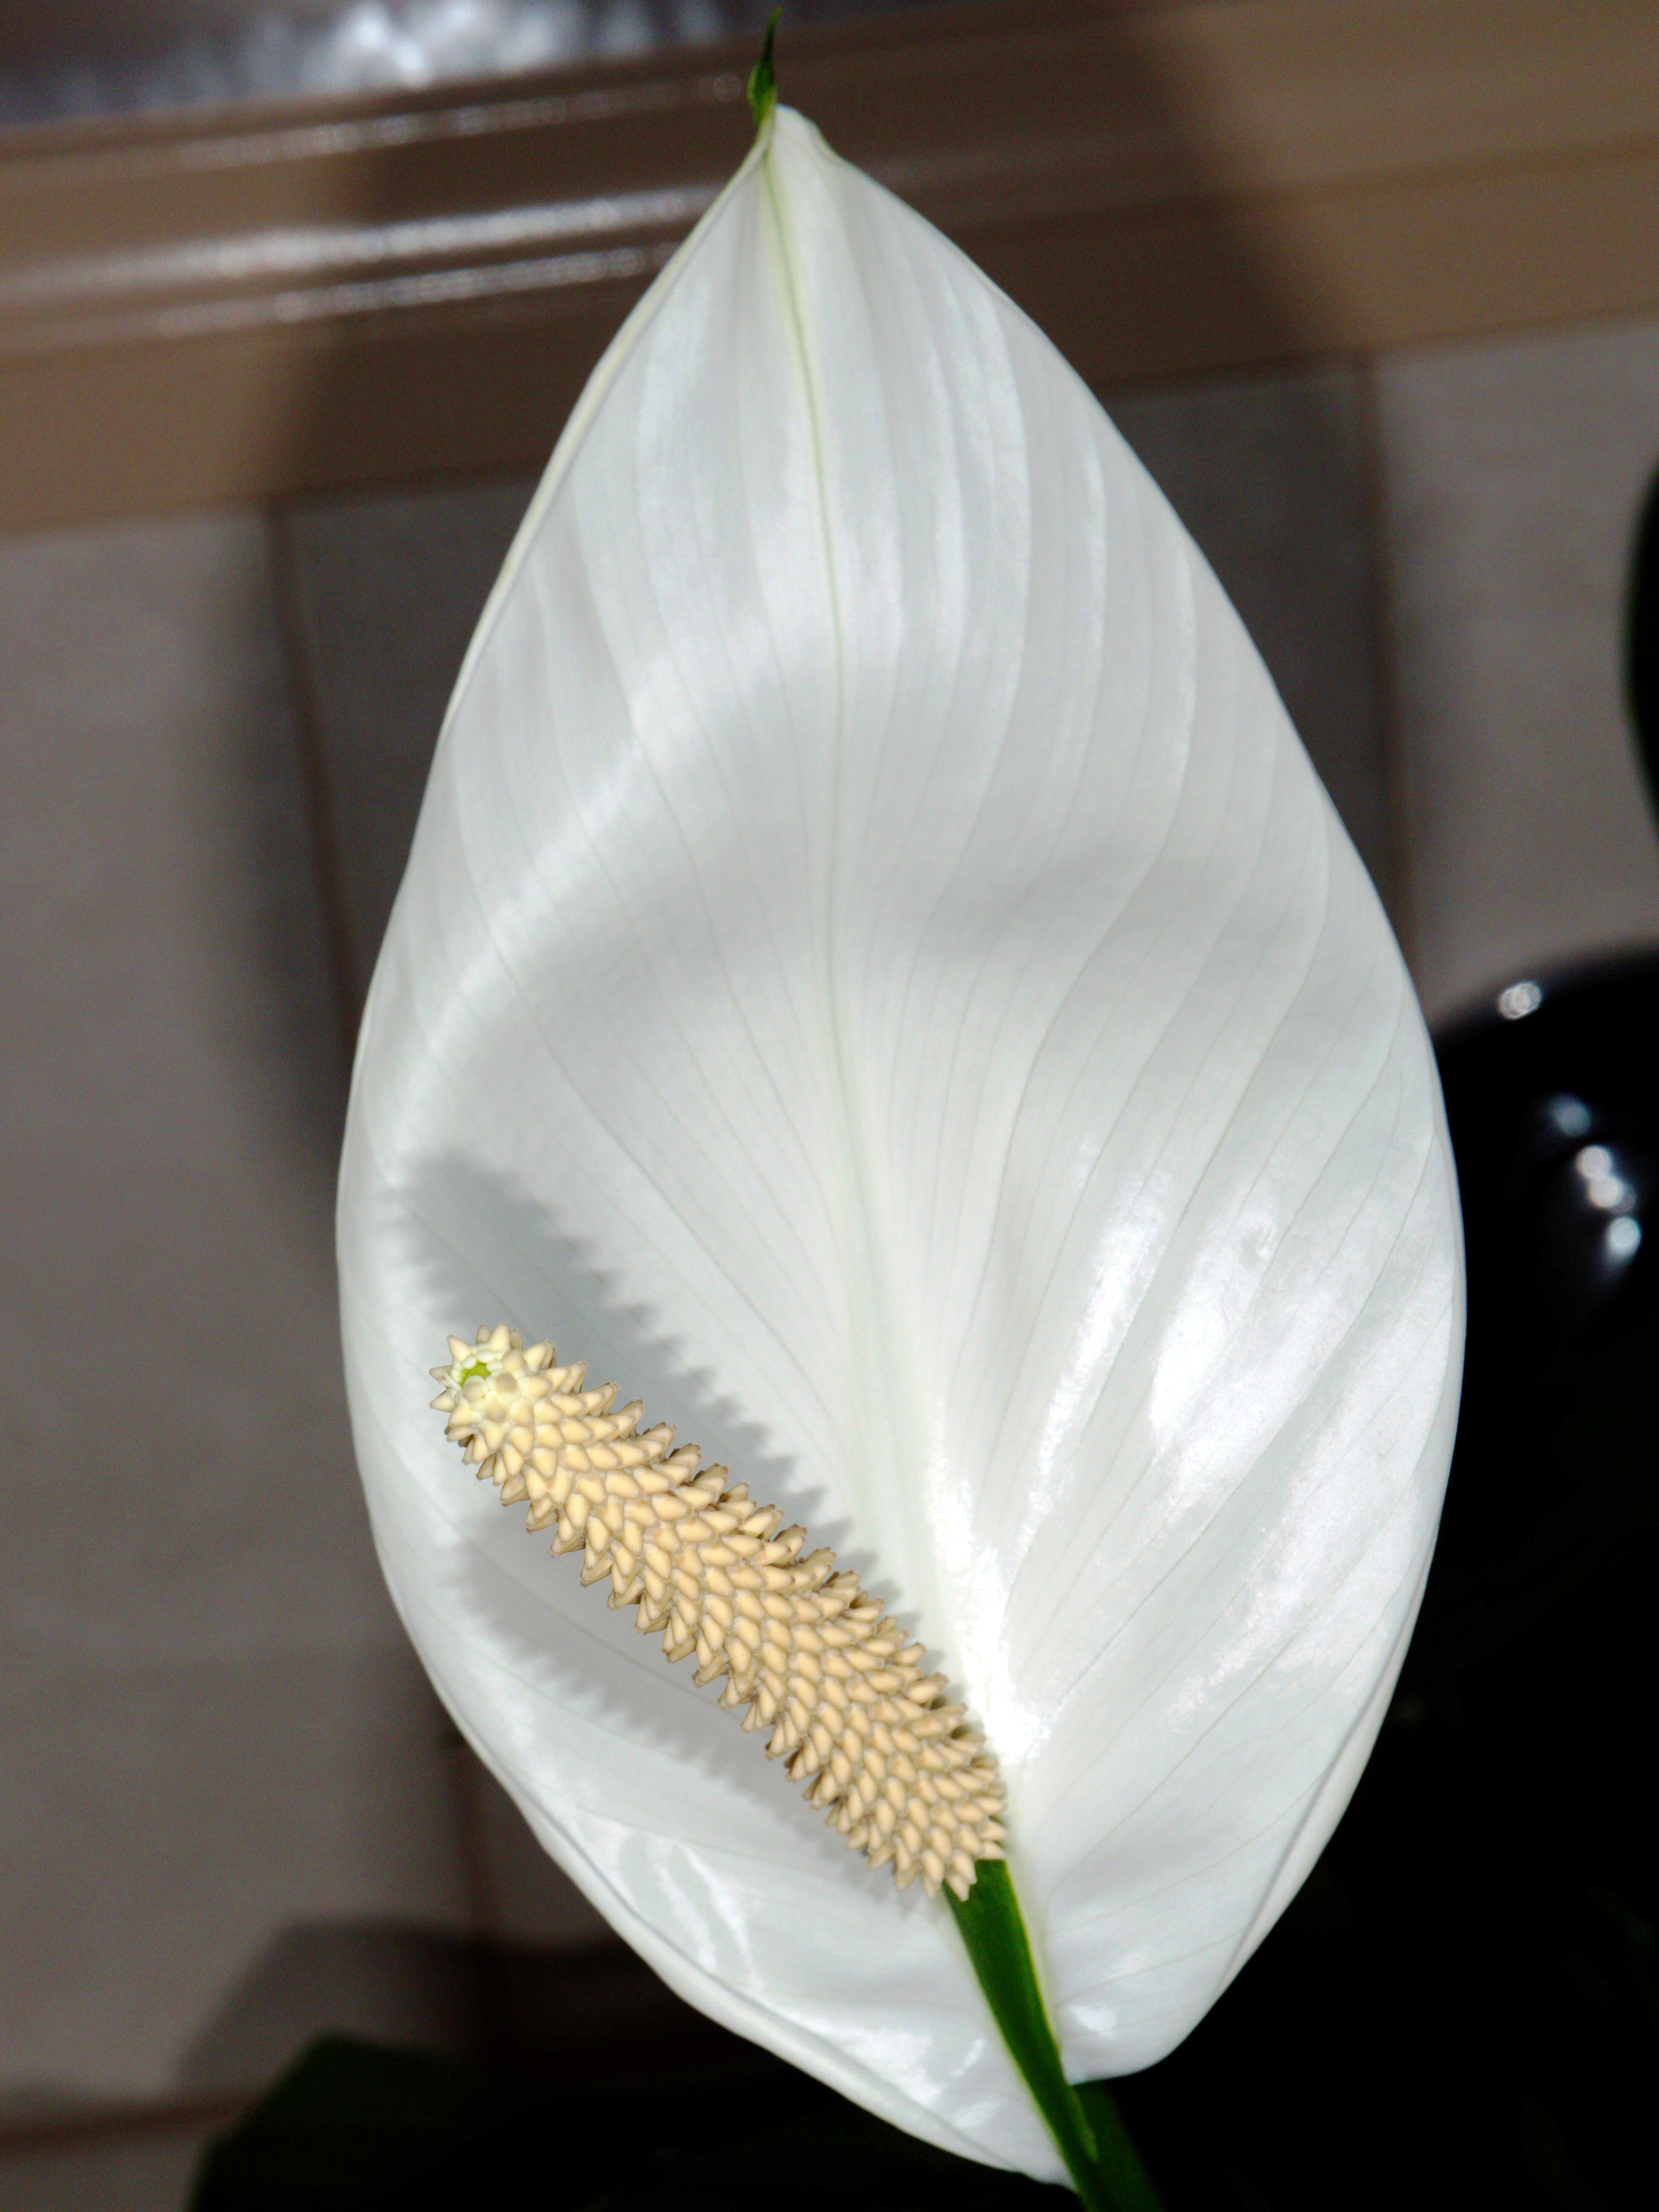 Spathiphyllum-13-shampooed.jpeg